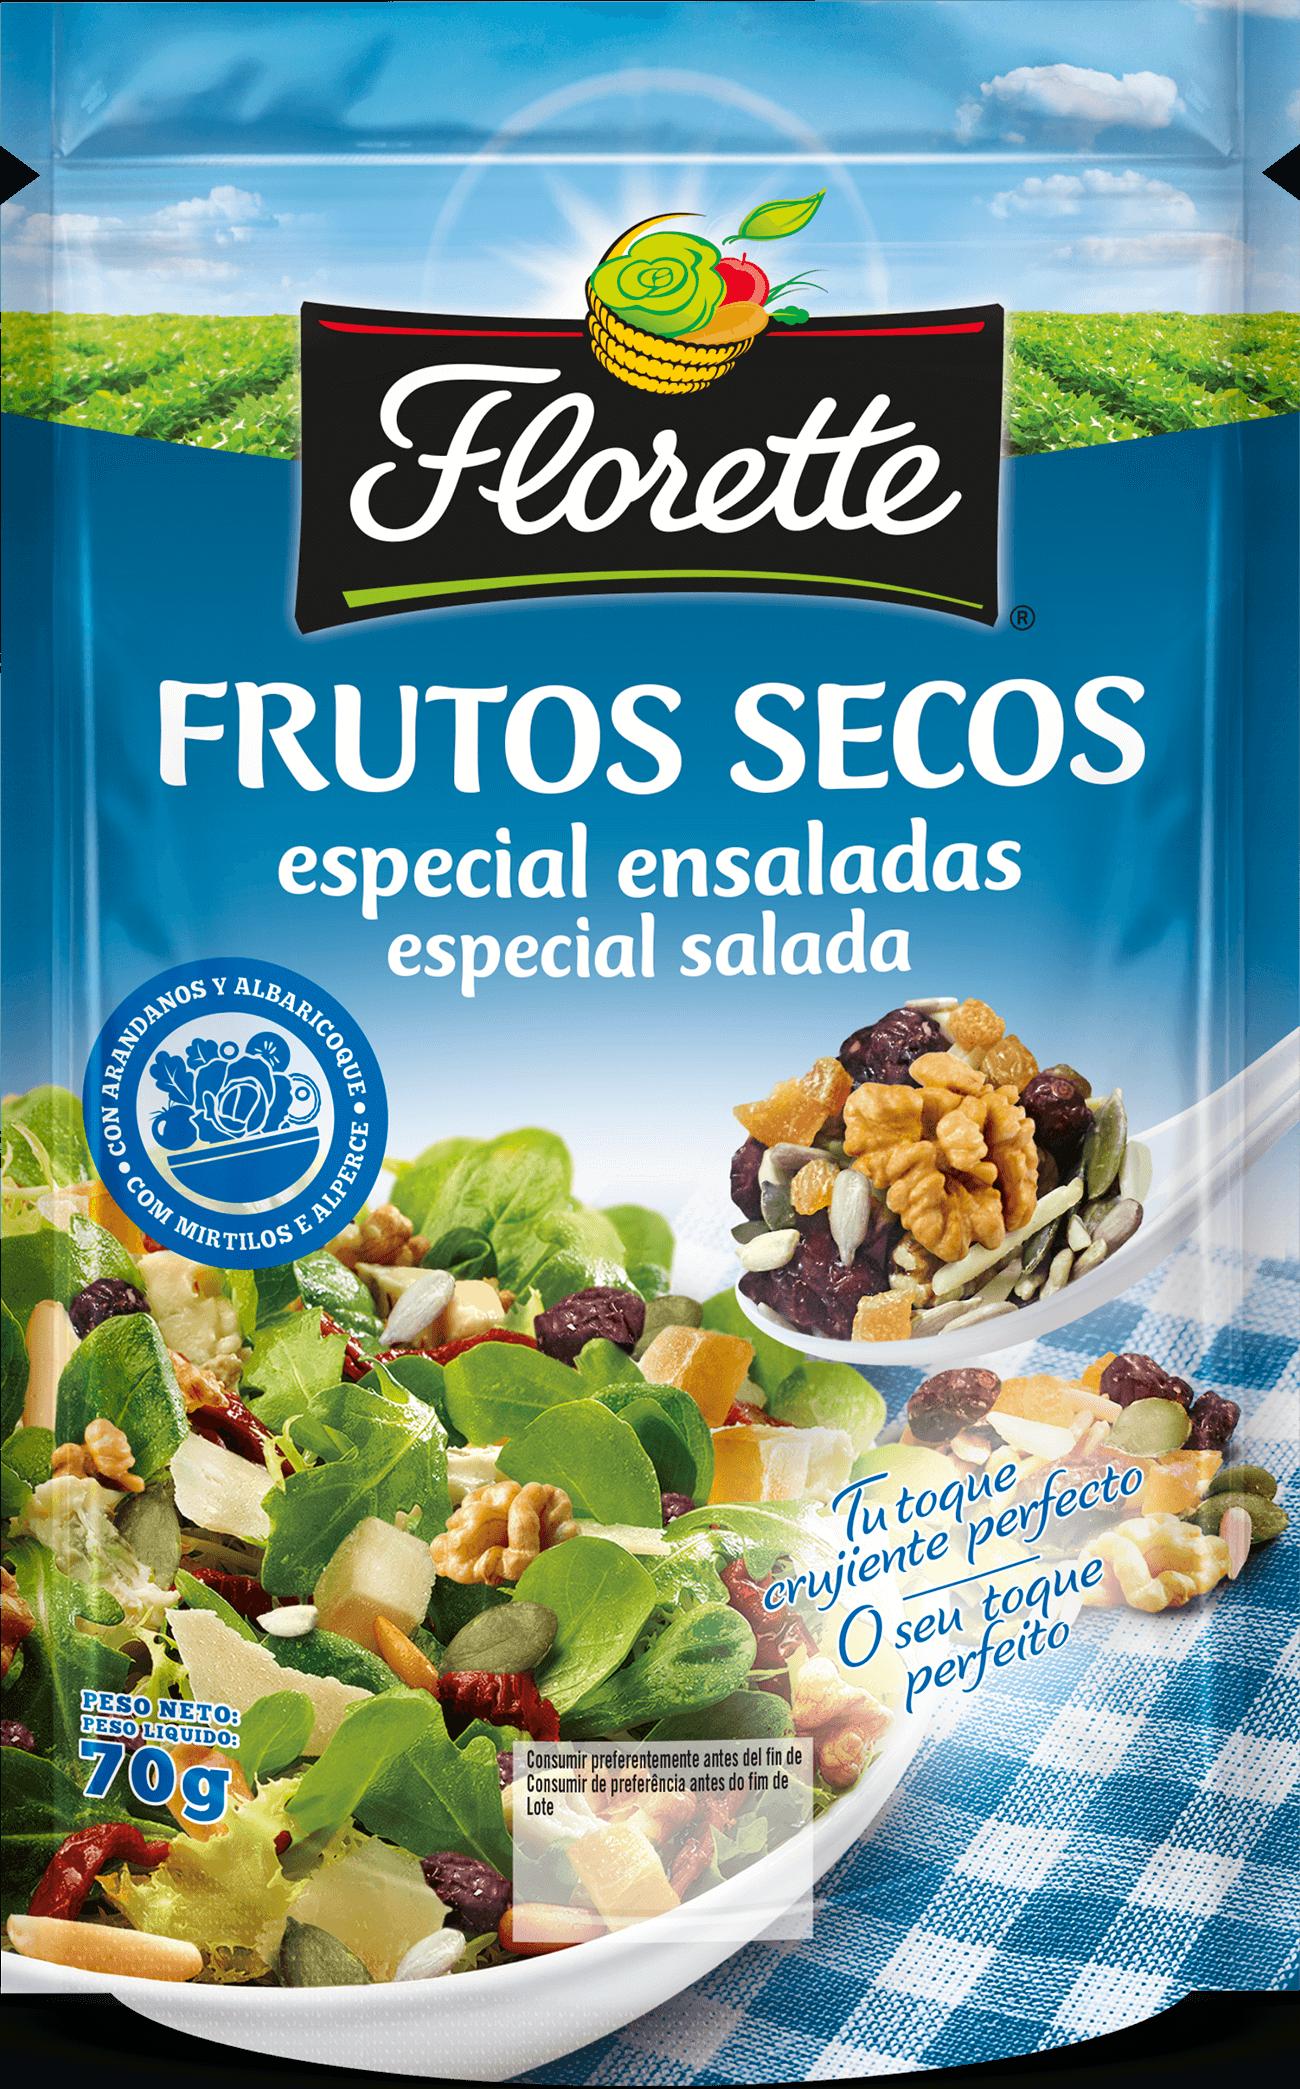 Bolsa con semillas de girasol, arándanos azules desecados, albaricoque, pipas de calabaza, almendras y nueces